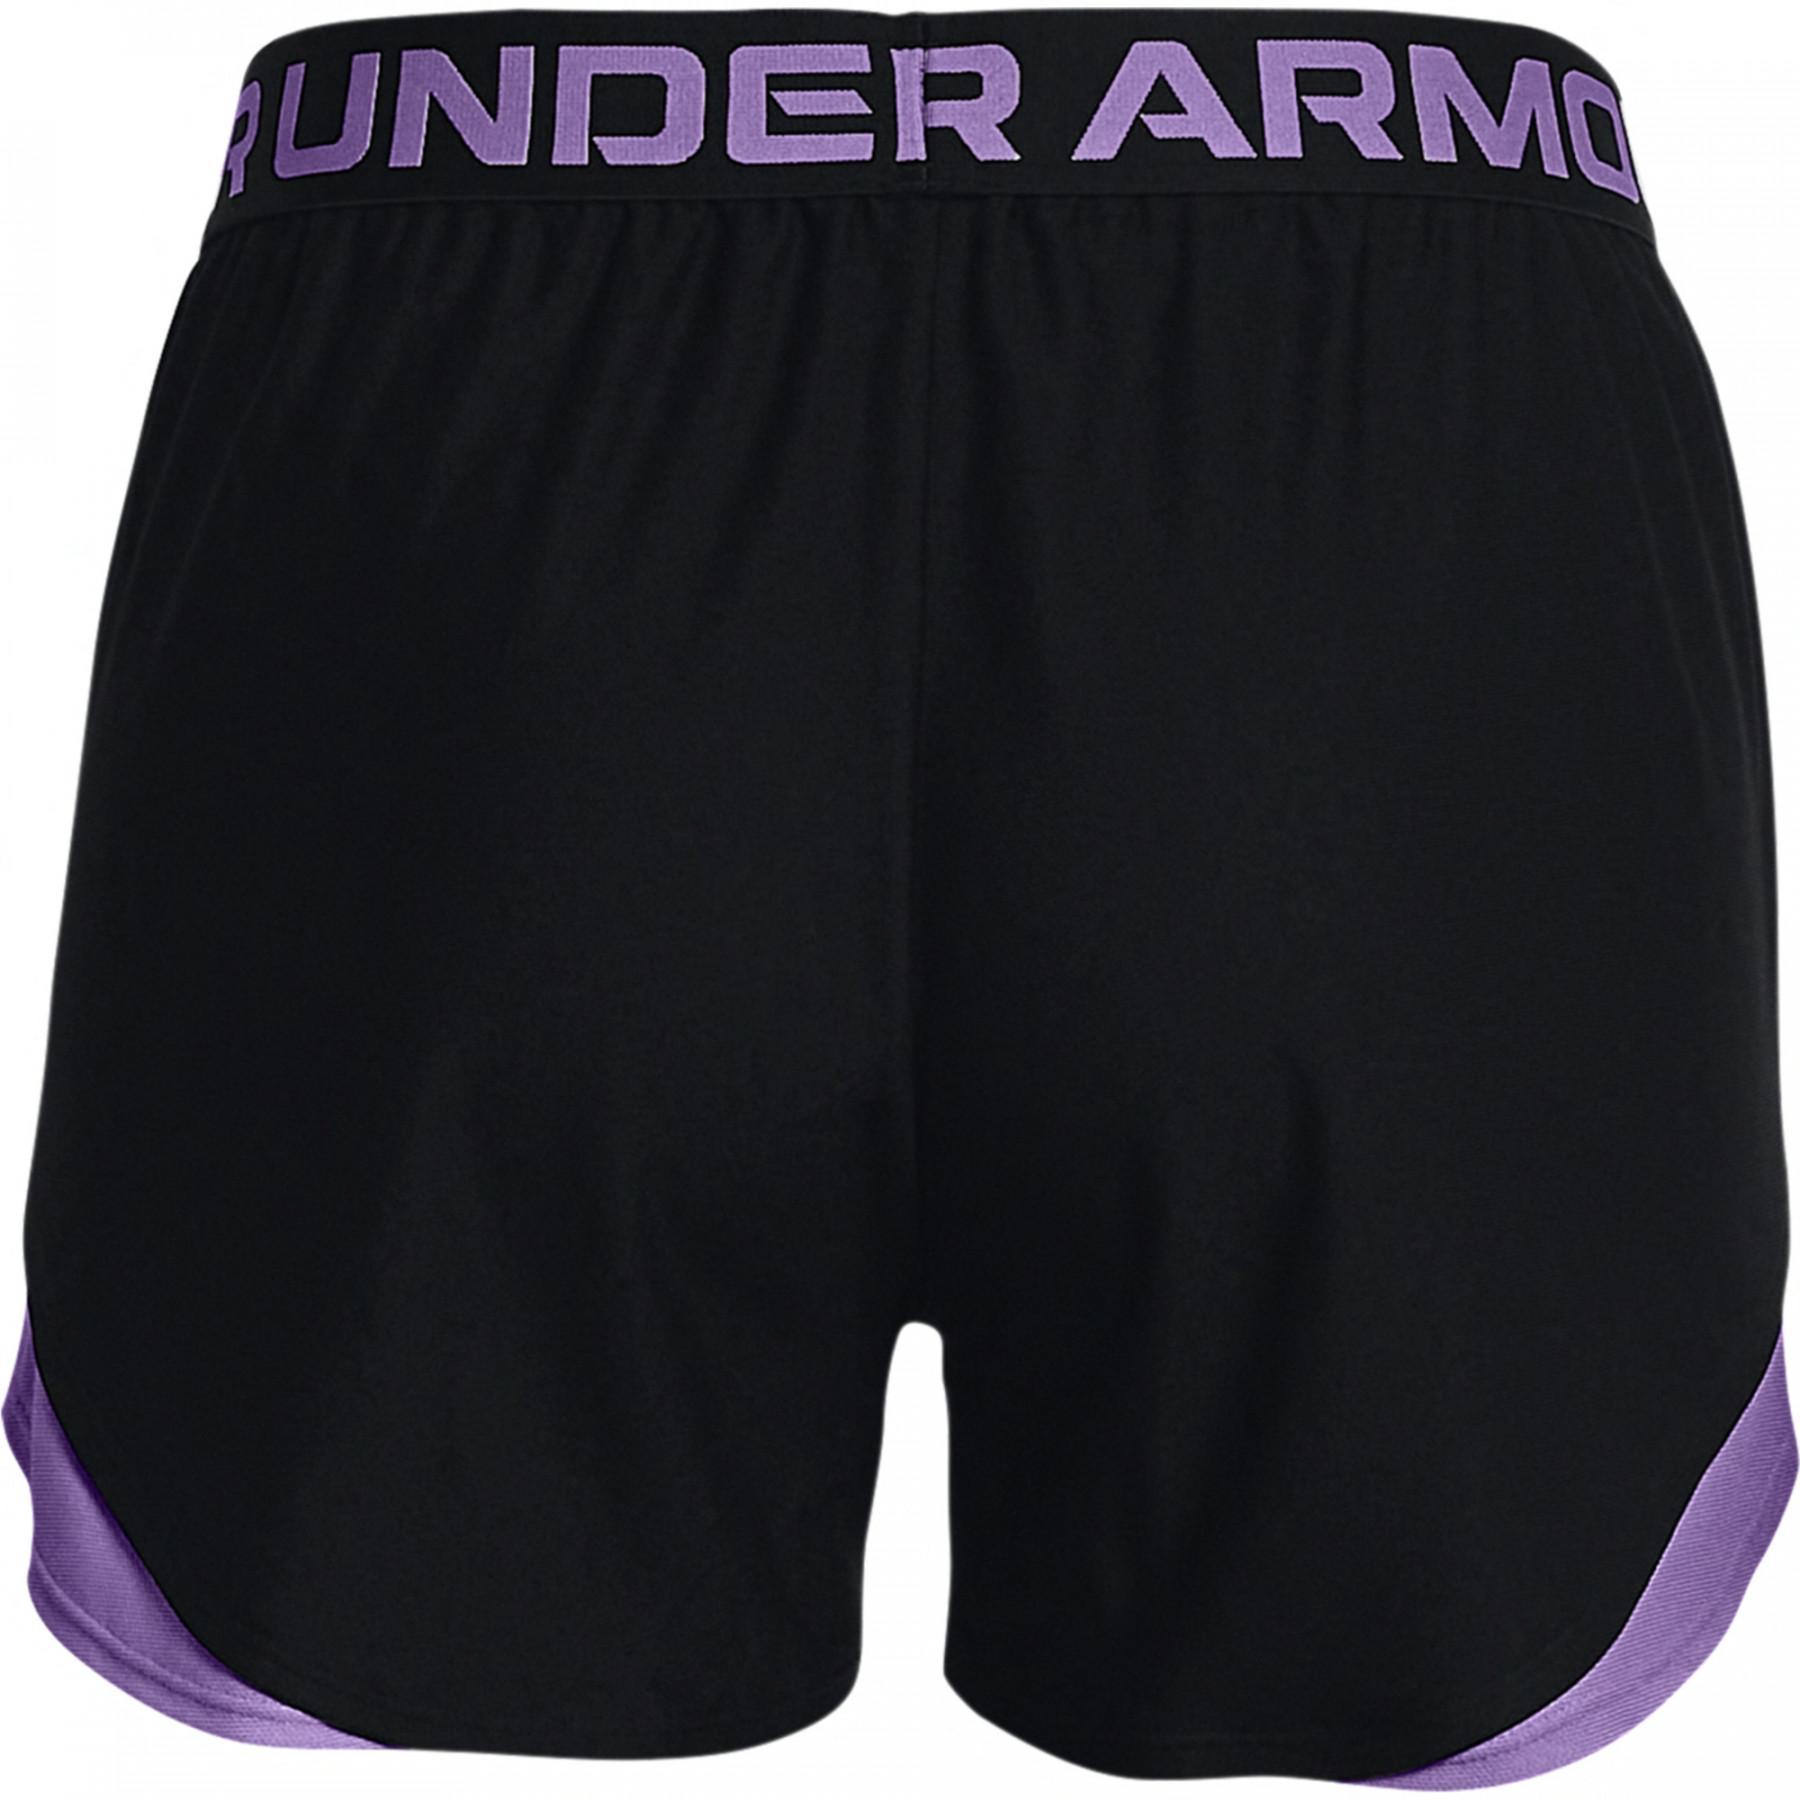 Îmbrăcăminte -  under armour UA  Play Up 3.0 Geo